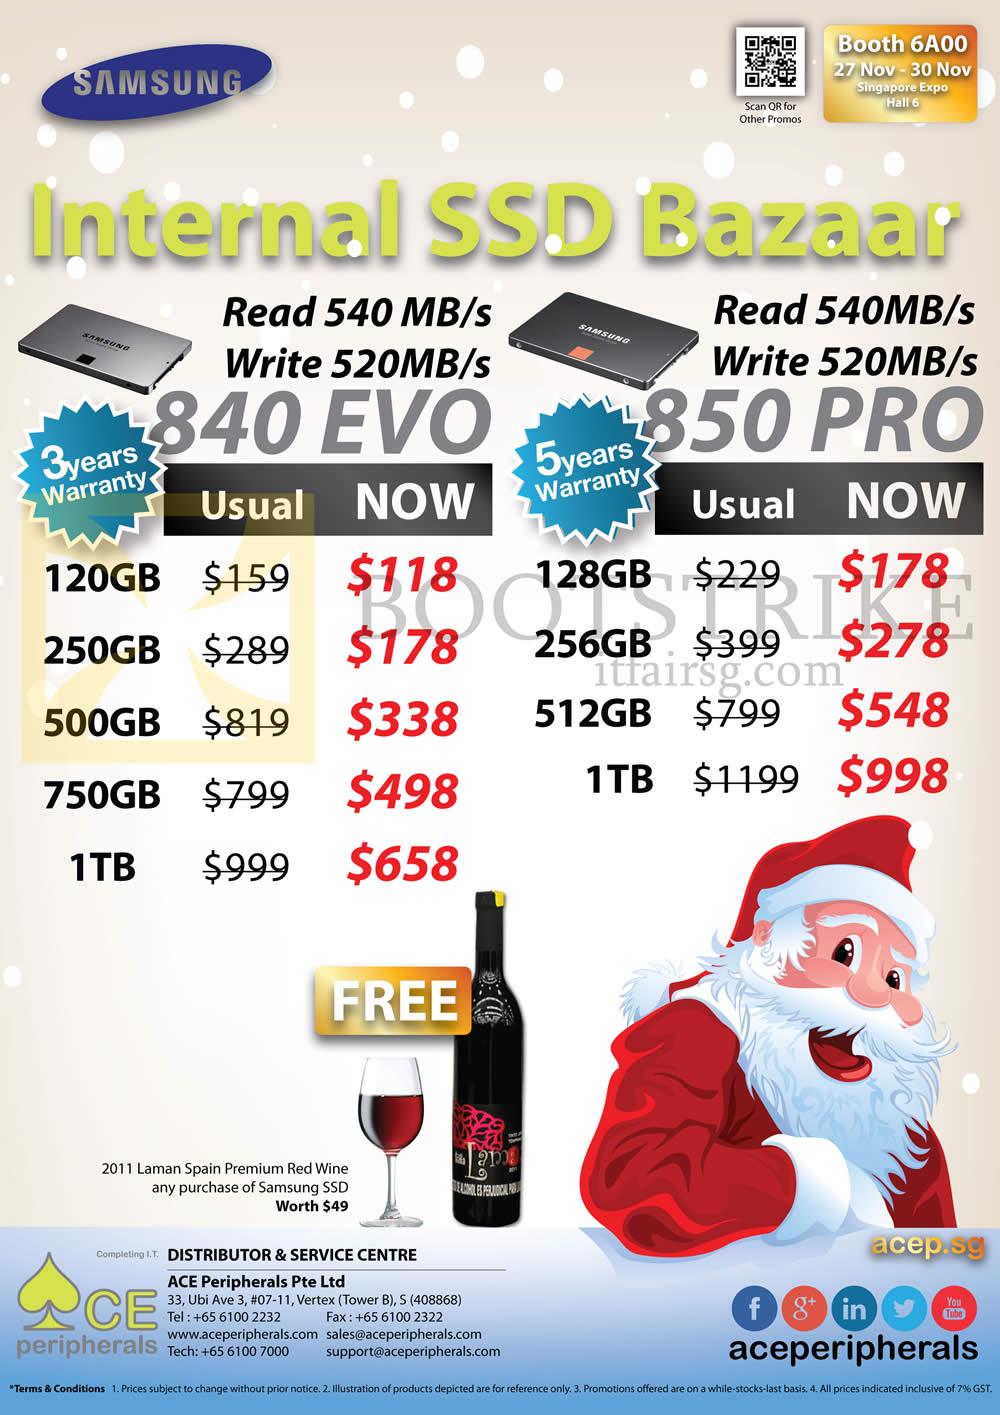 SITEX 2014 price list image brochure of Ace Peripherals Internal SSD Samsung 840 EVO, 120GB, 250GB, 500GB, 750GB, 1TB PRO, 128GB, 256GB, 512GB